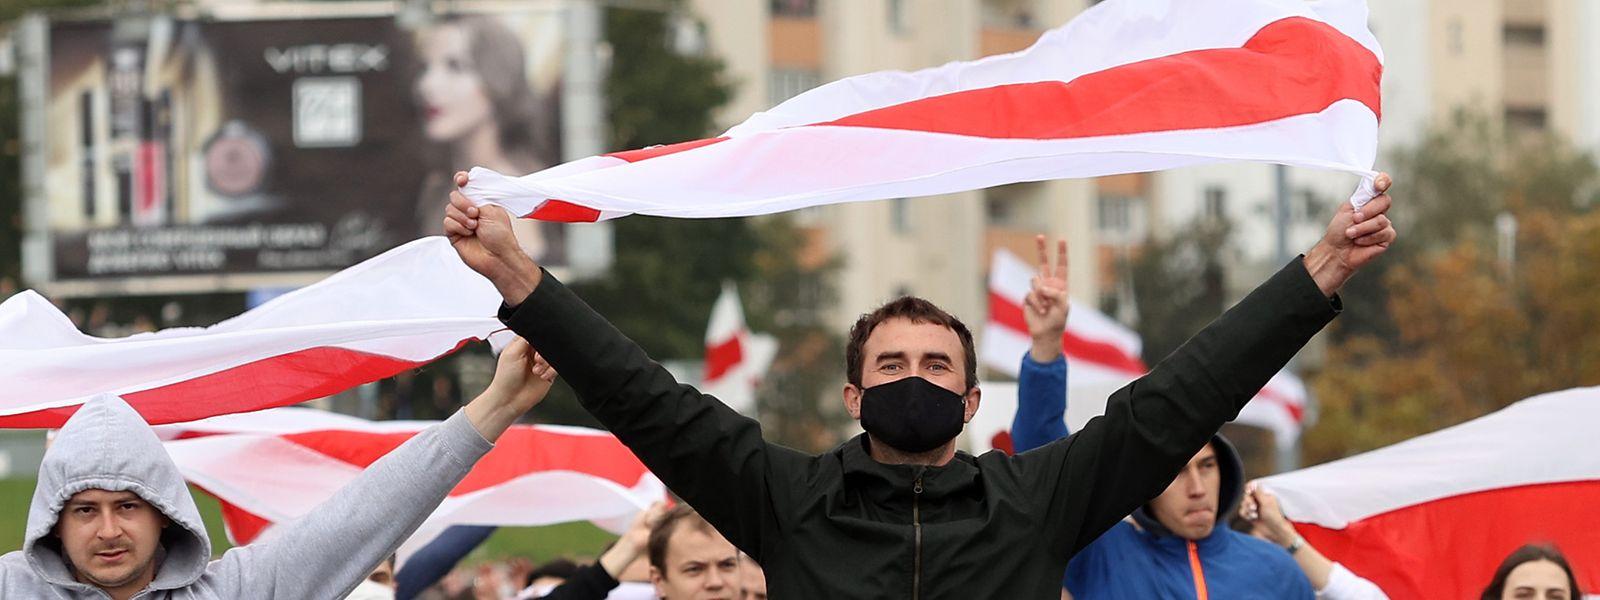 Am Sonntag gingen in Minsk abermals zehntausende Menschen gegen Machthaber Lukaschenko auf die Straßen.